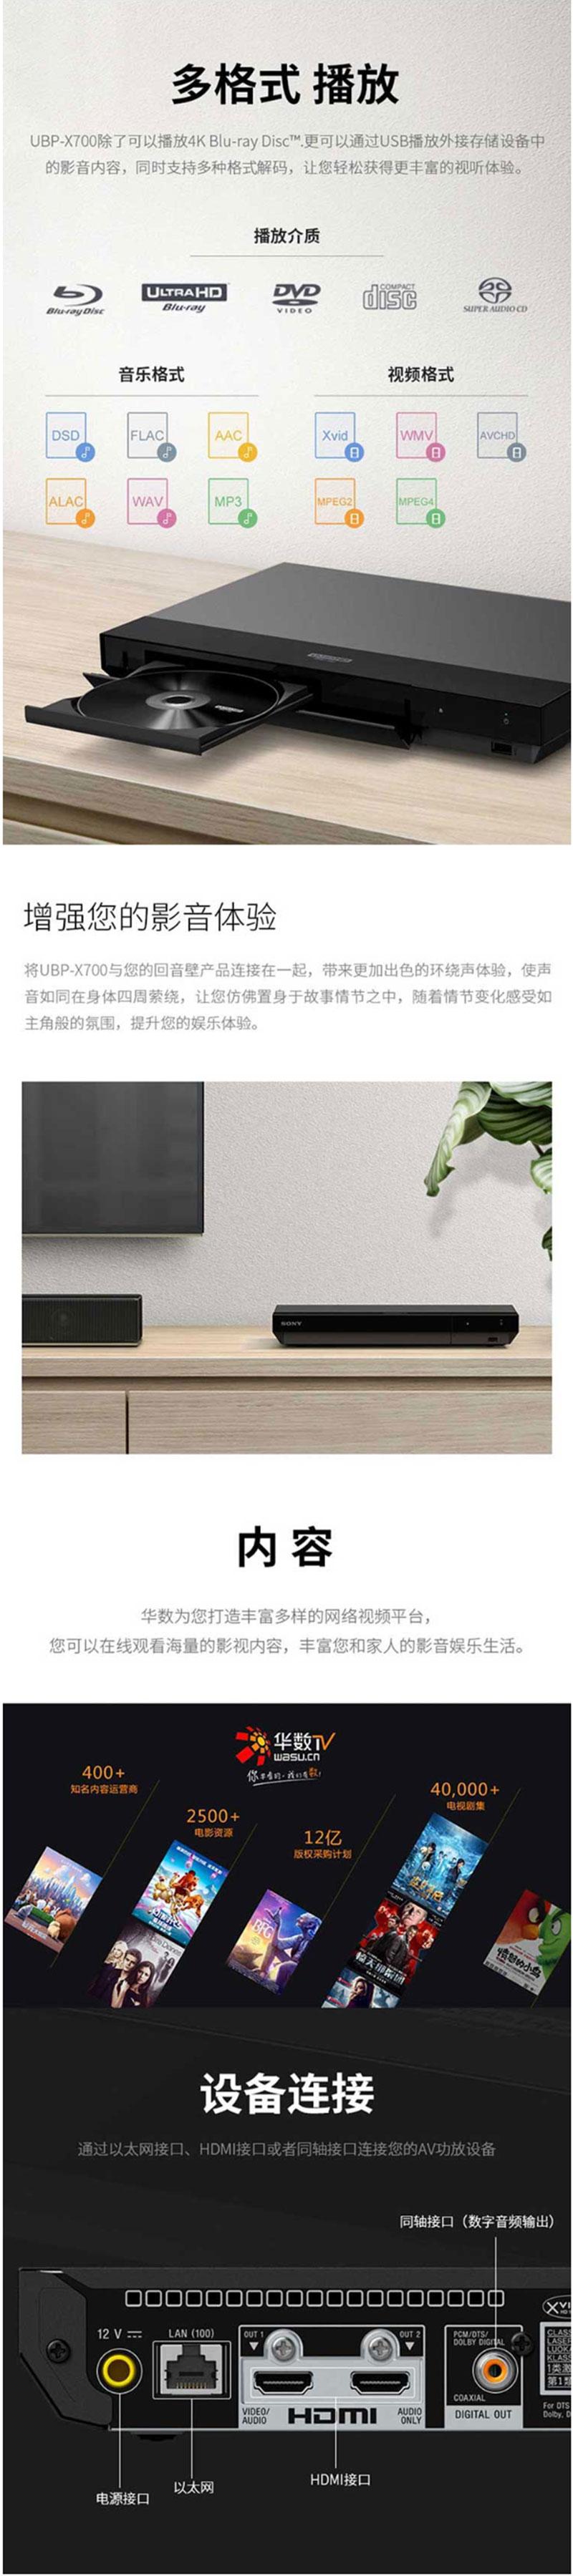 索尼 SONY UBP-X700 4K UHD蓝光VCD影碟机